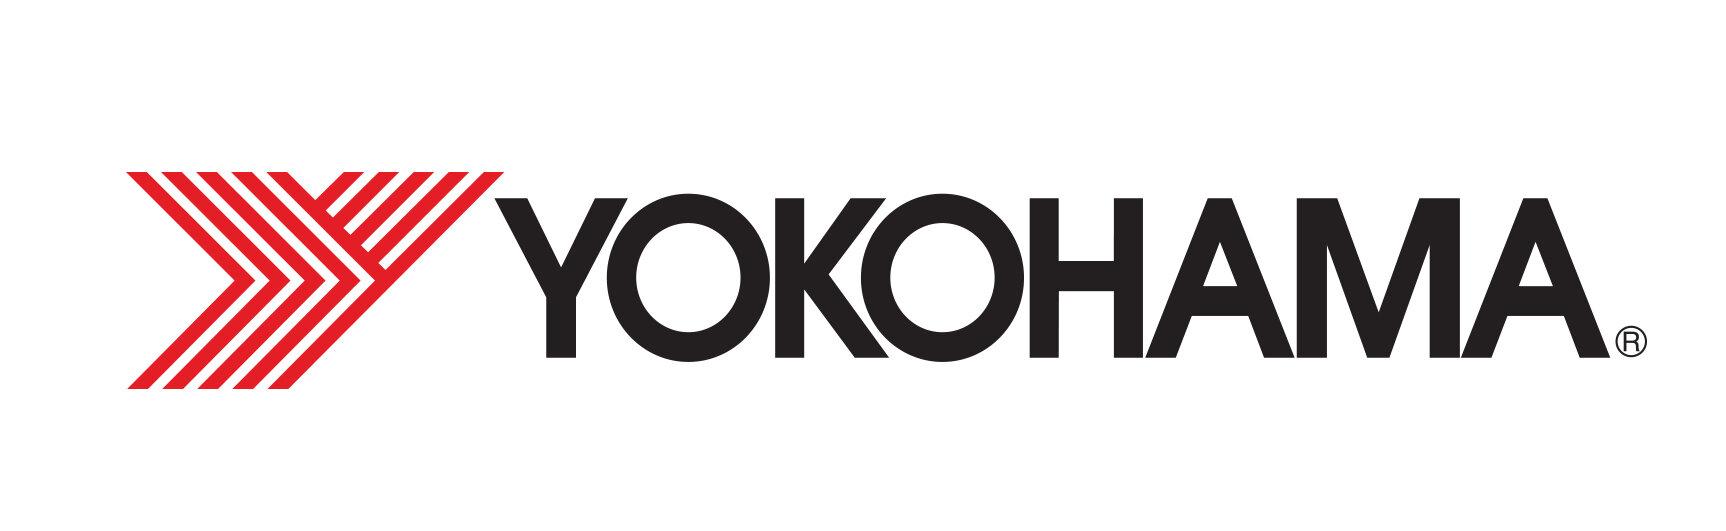 Bảng giá lốp ô tô Yokohama cập nhật thị trường năm 2016